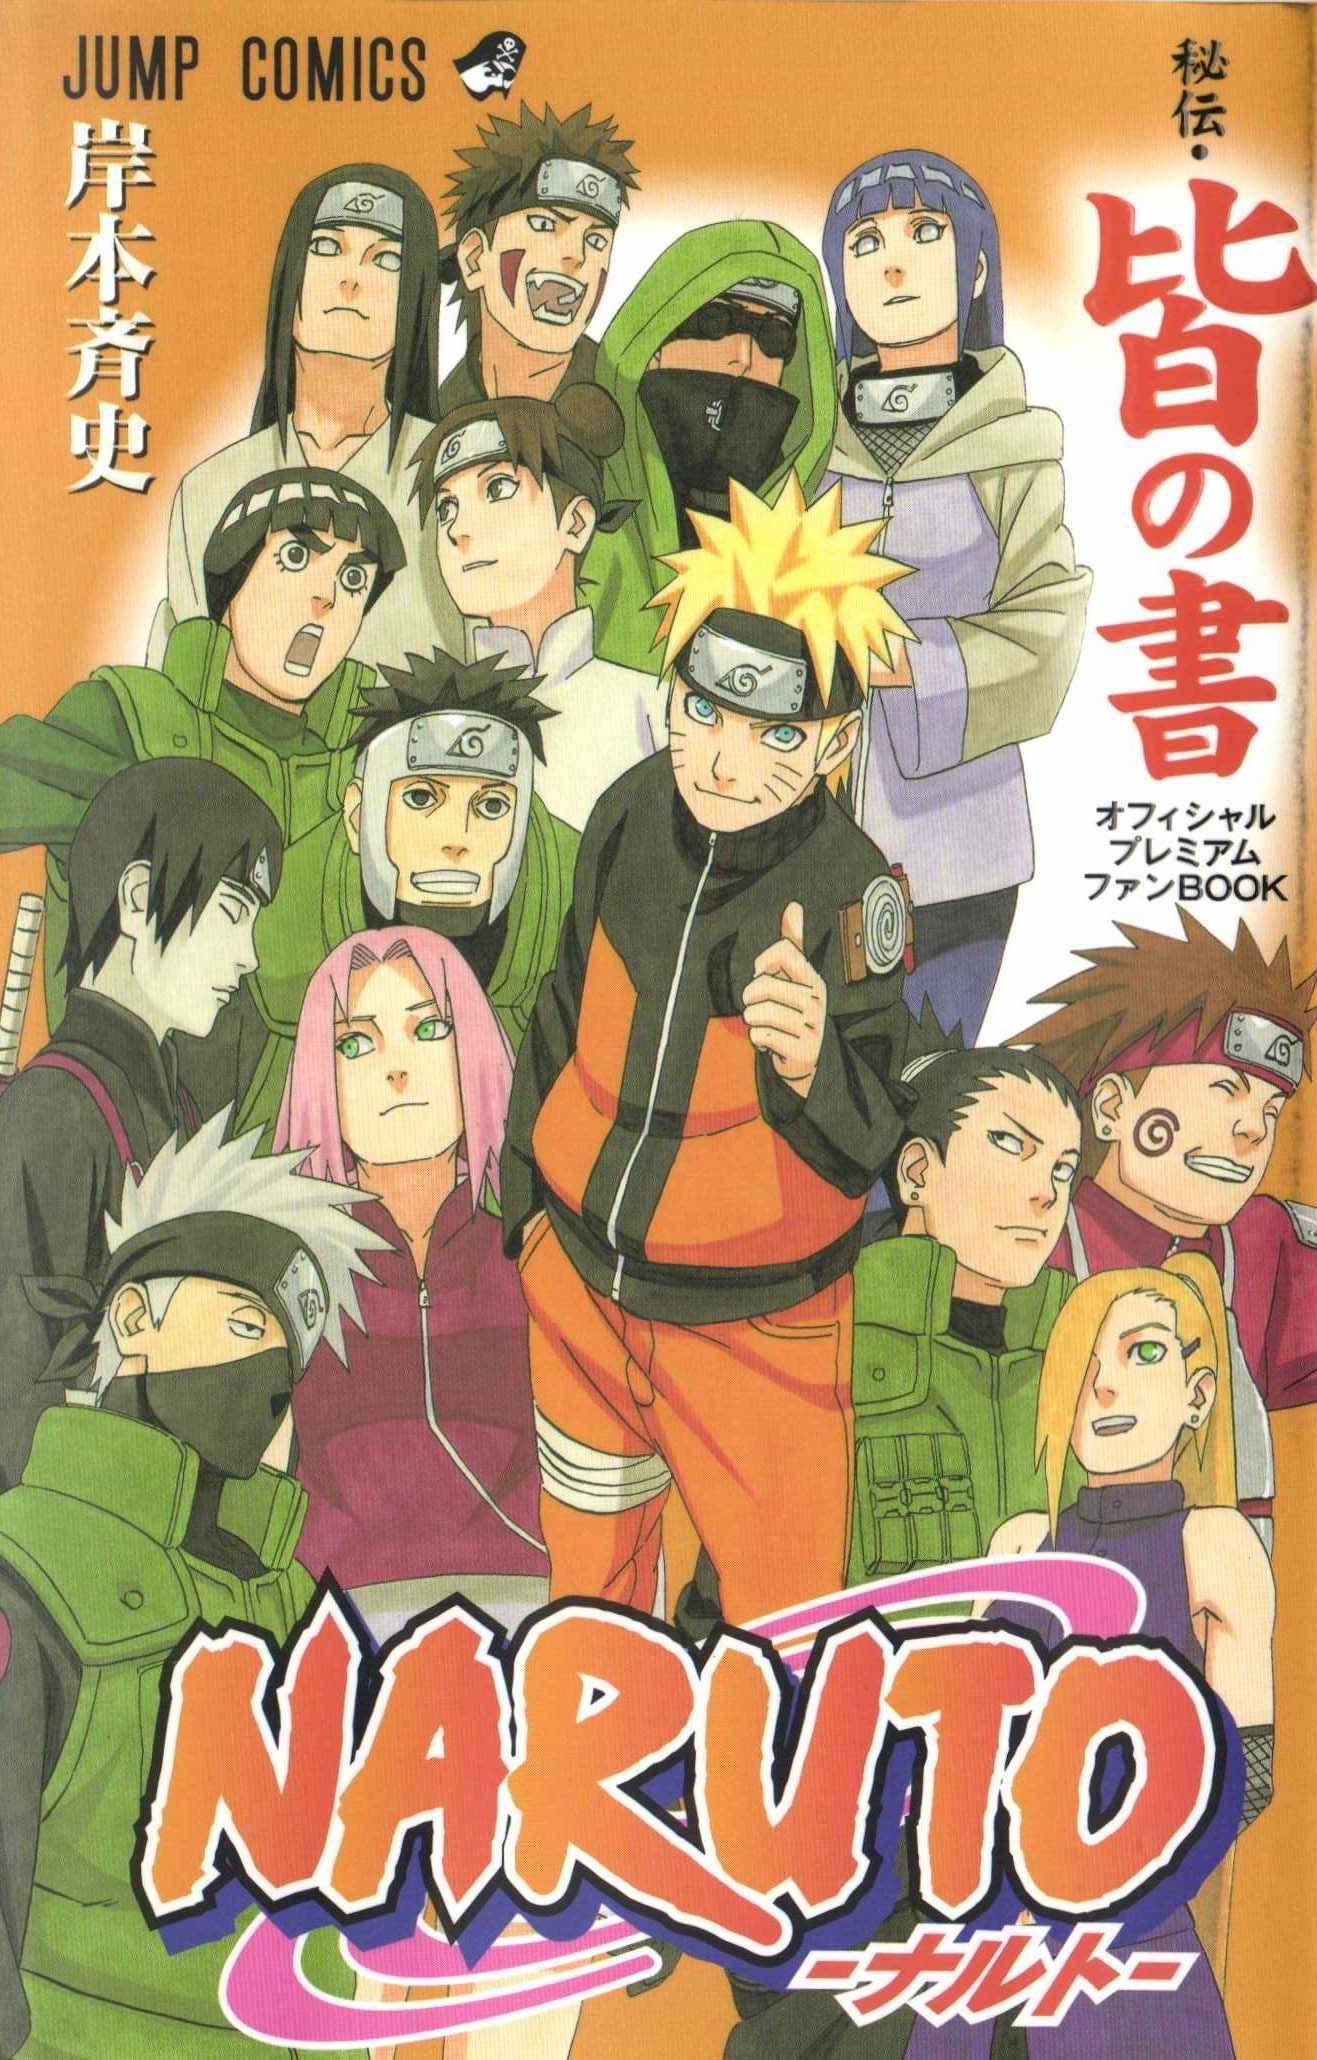 NARUTO BOOK Hiden Kai No Sho Ofisharu FanBOOK